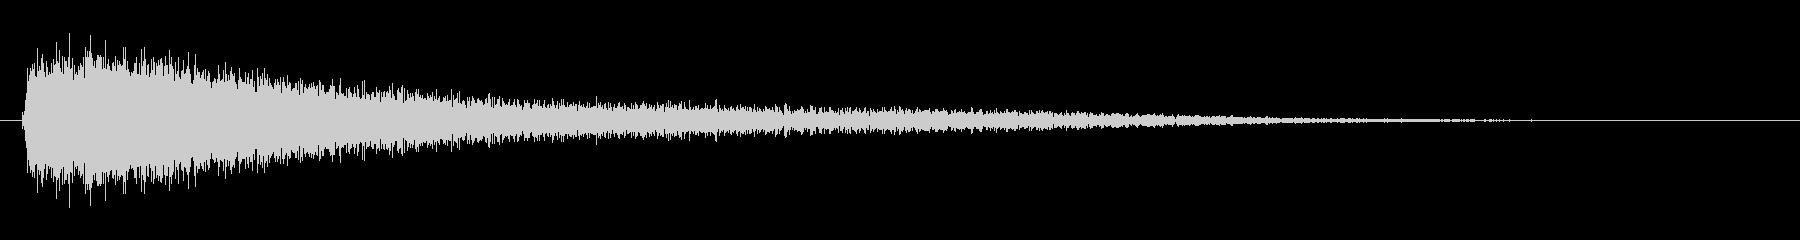 効果音 サスペンス・ホラー・ドッキリの未再生の波形